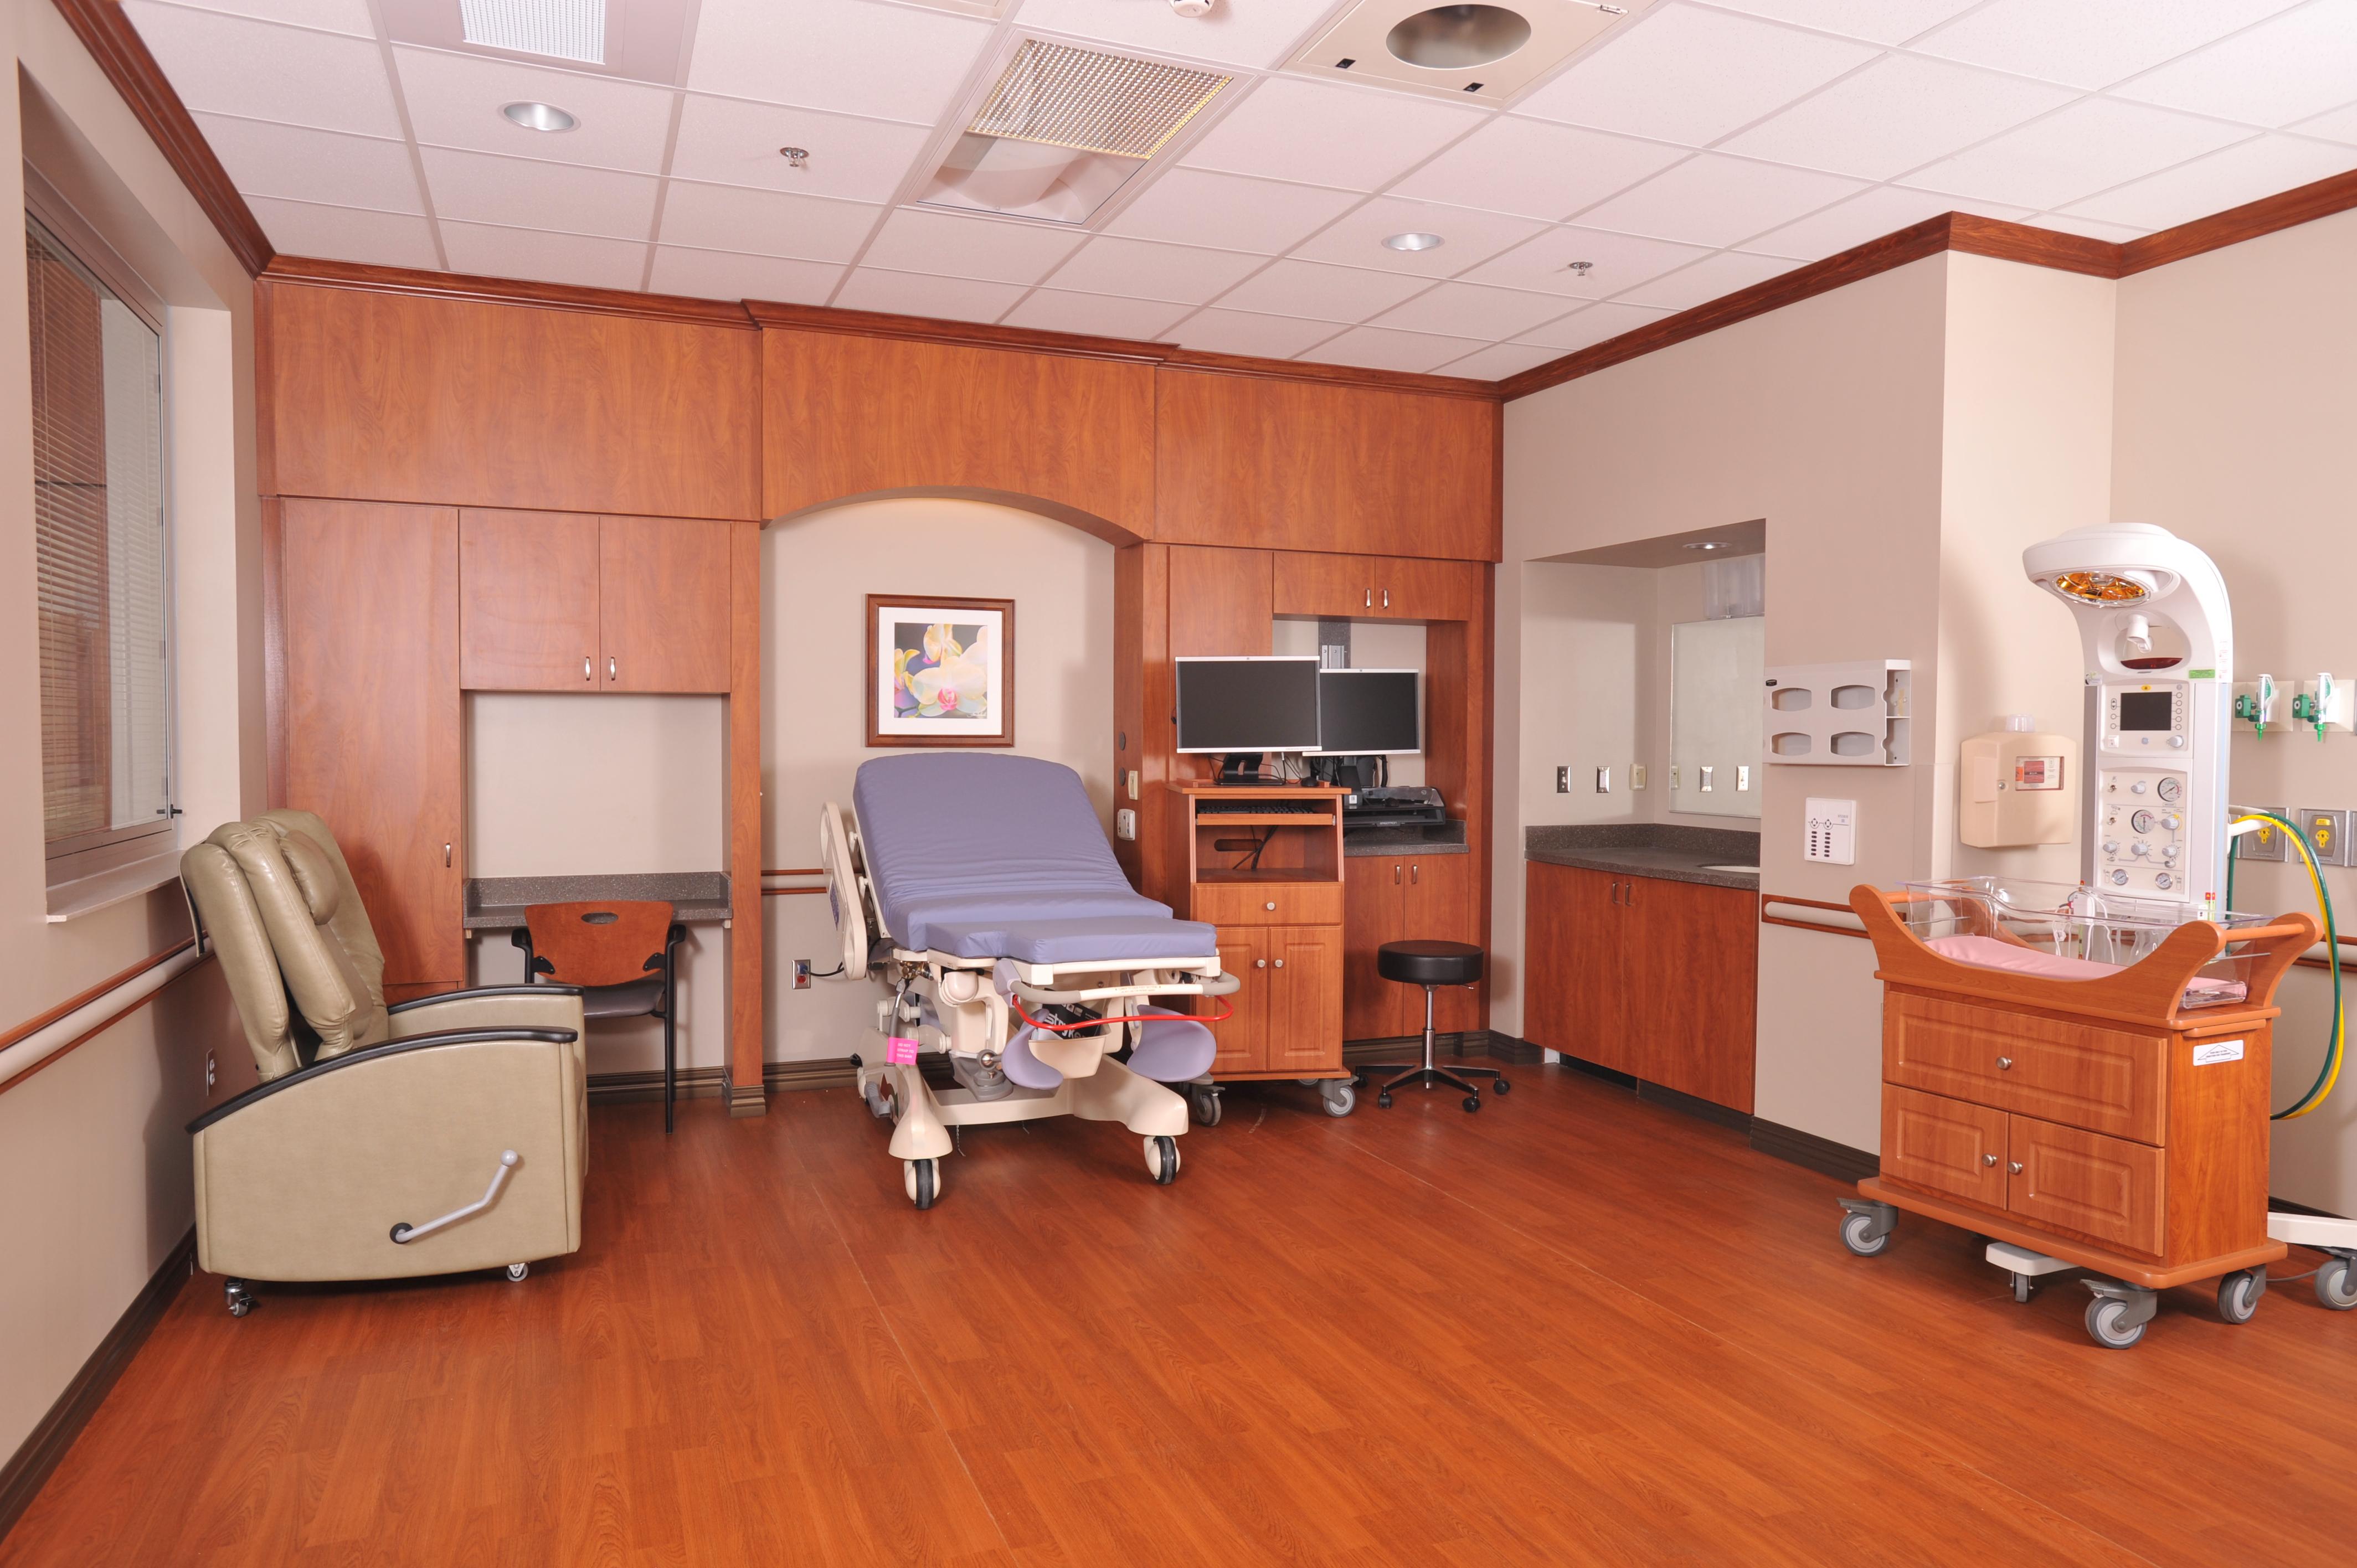 Guthrie Corning Hospital image 2